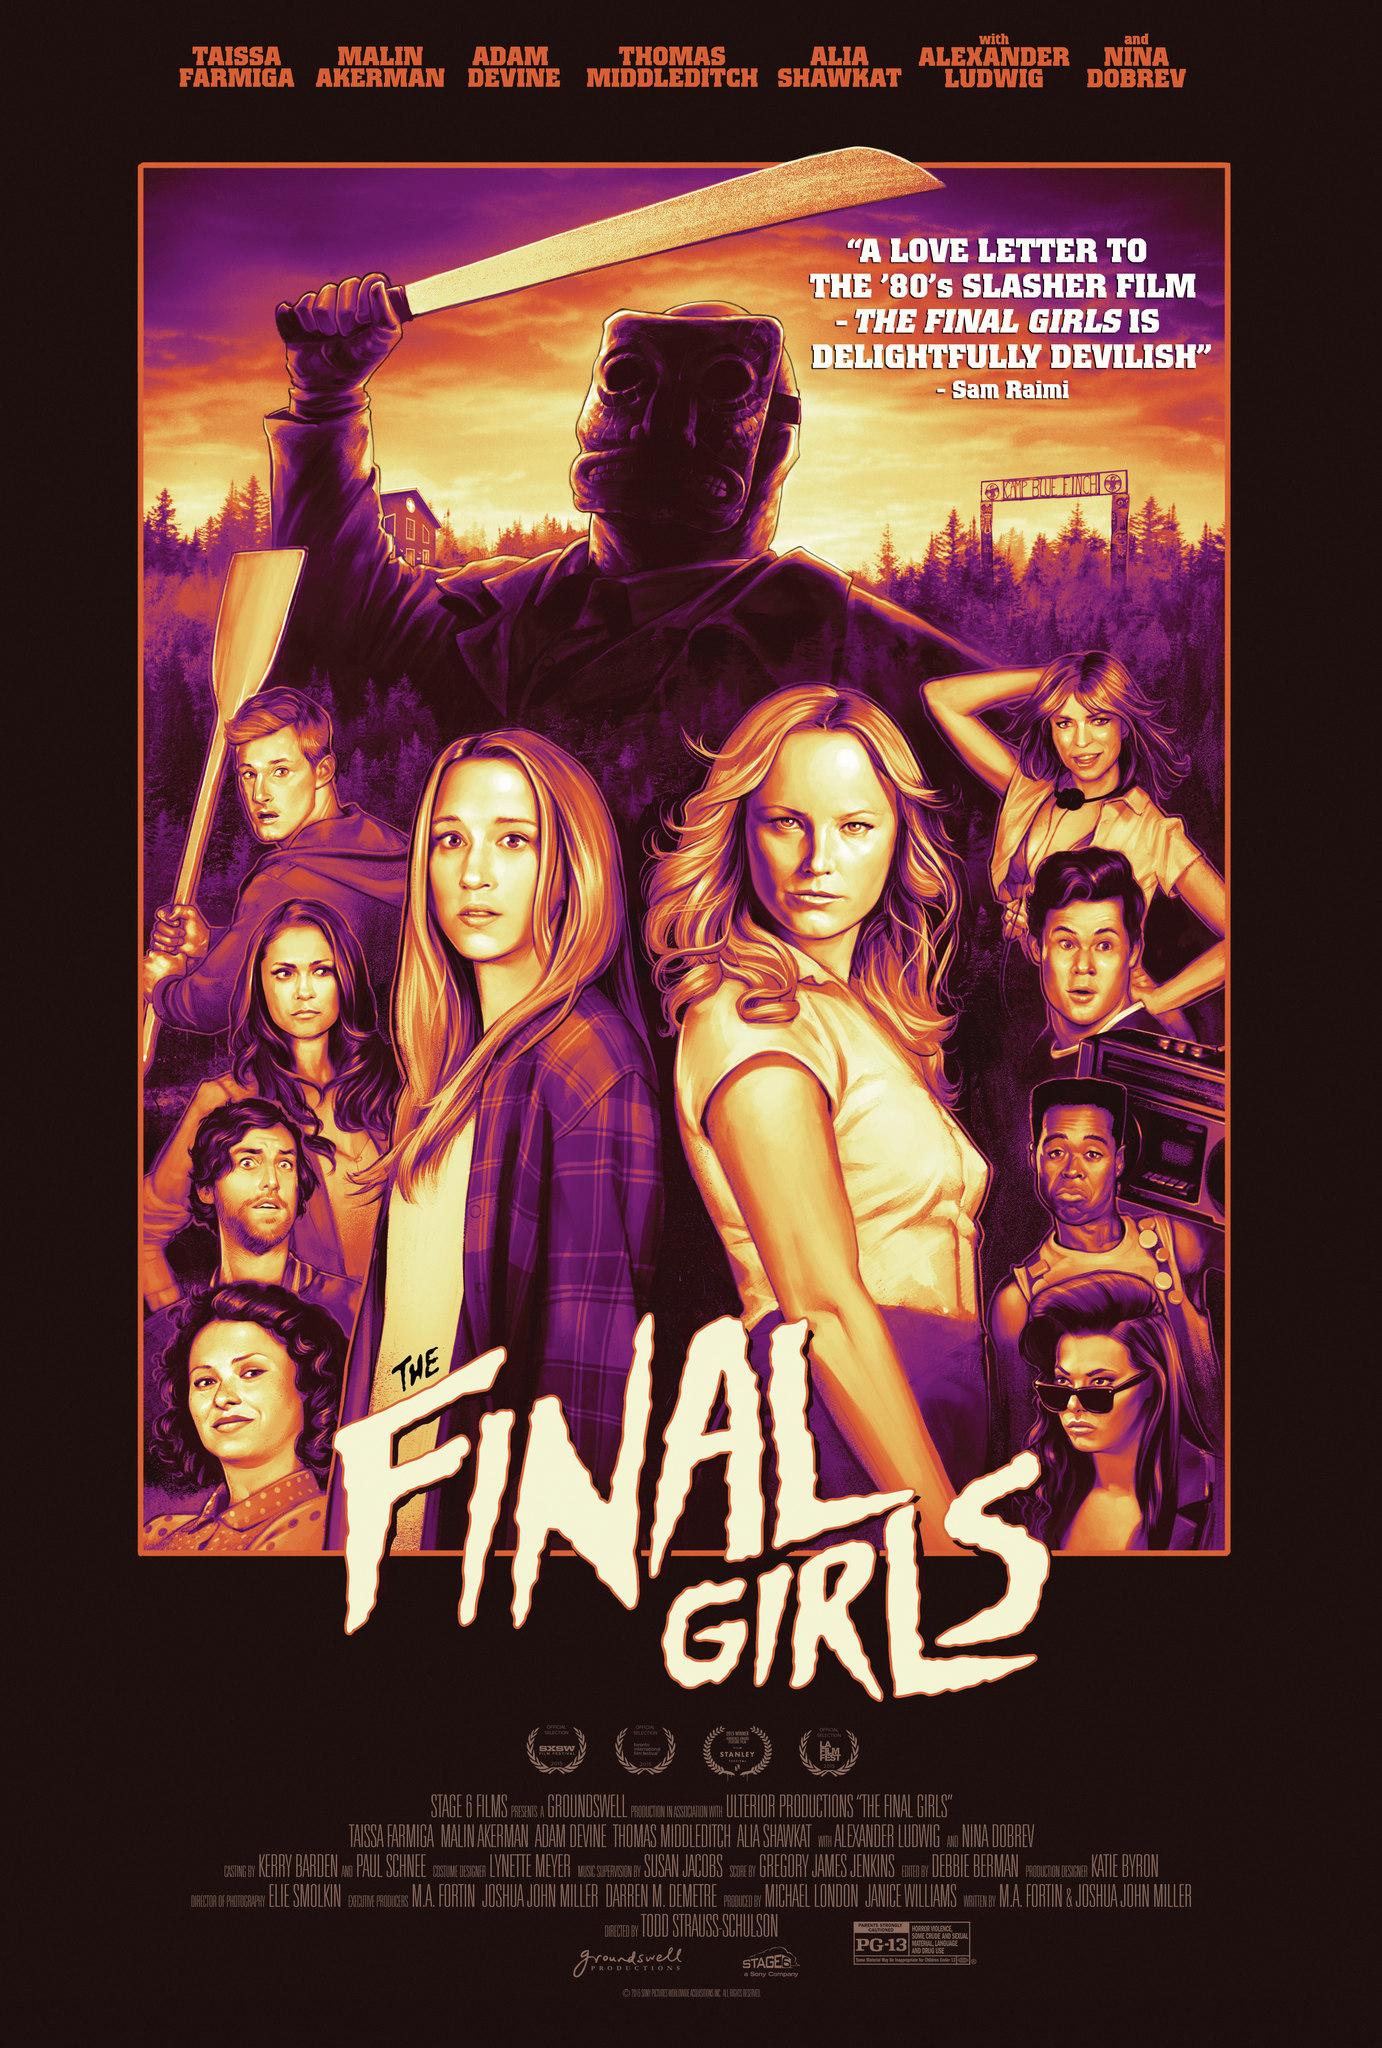 TheFinalGirls-Poster.jpg